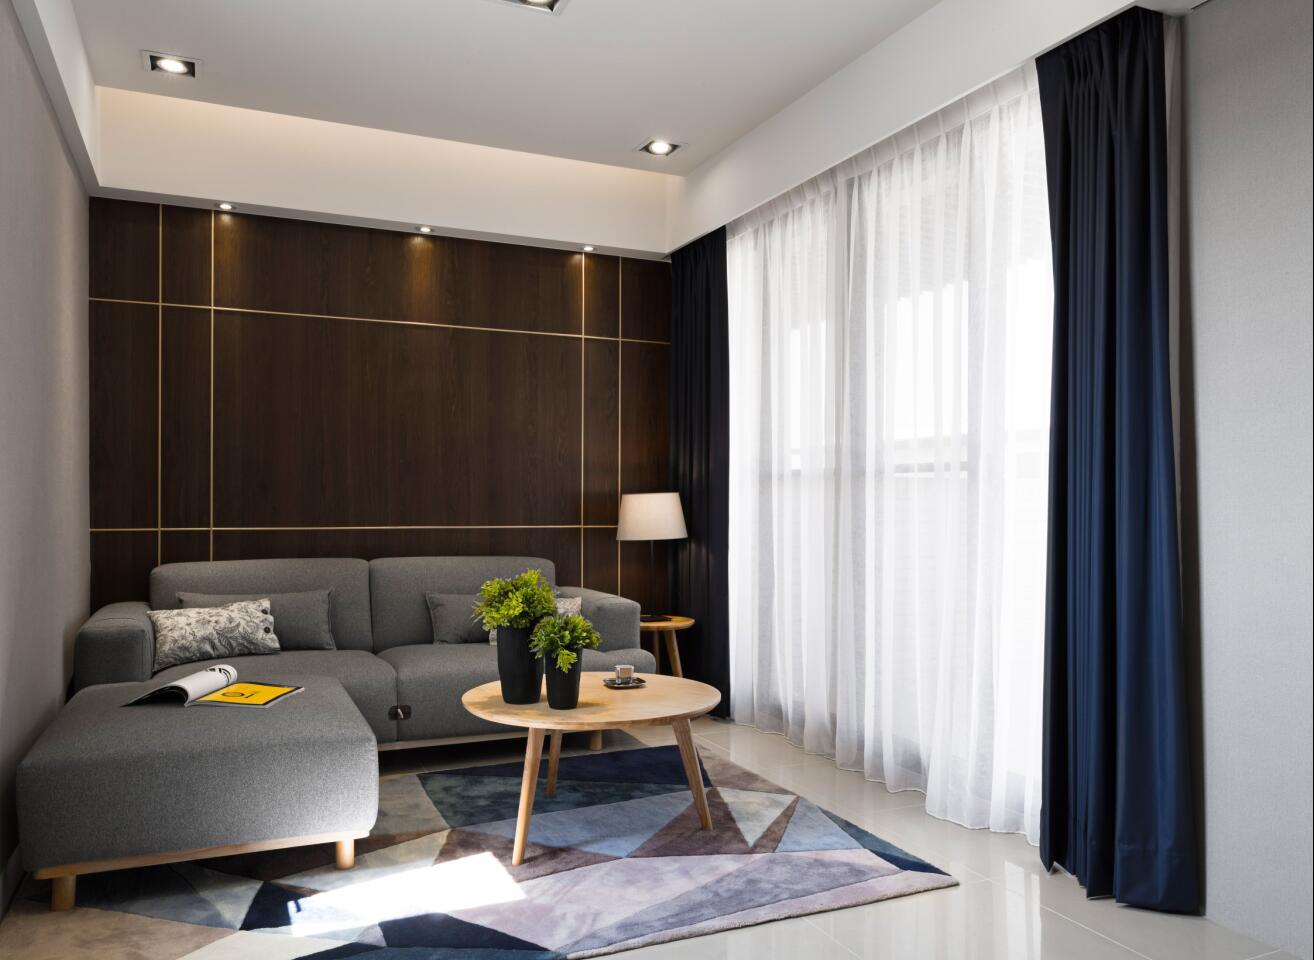 万科第五园 装修设计 现代风格 腾龙设计 客厅图片来自腾龙设计在万科第五园别墅装修现代风格设计的分享